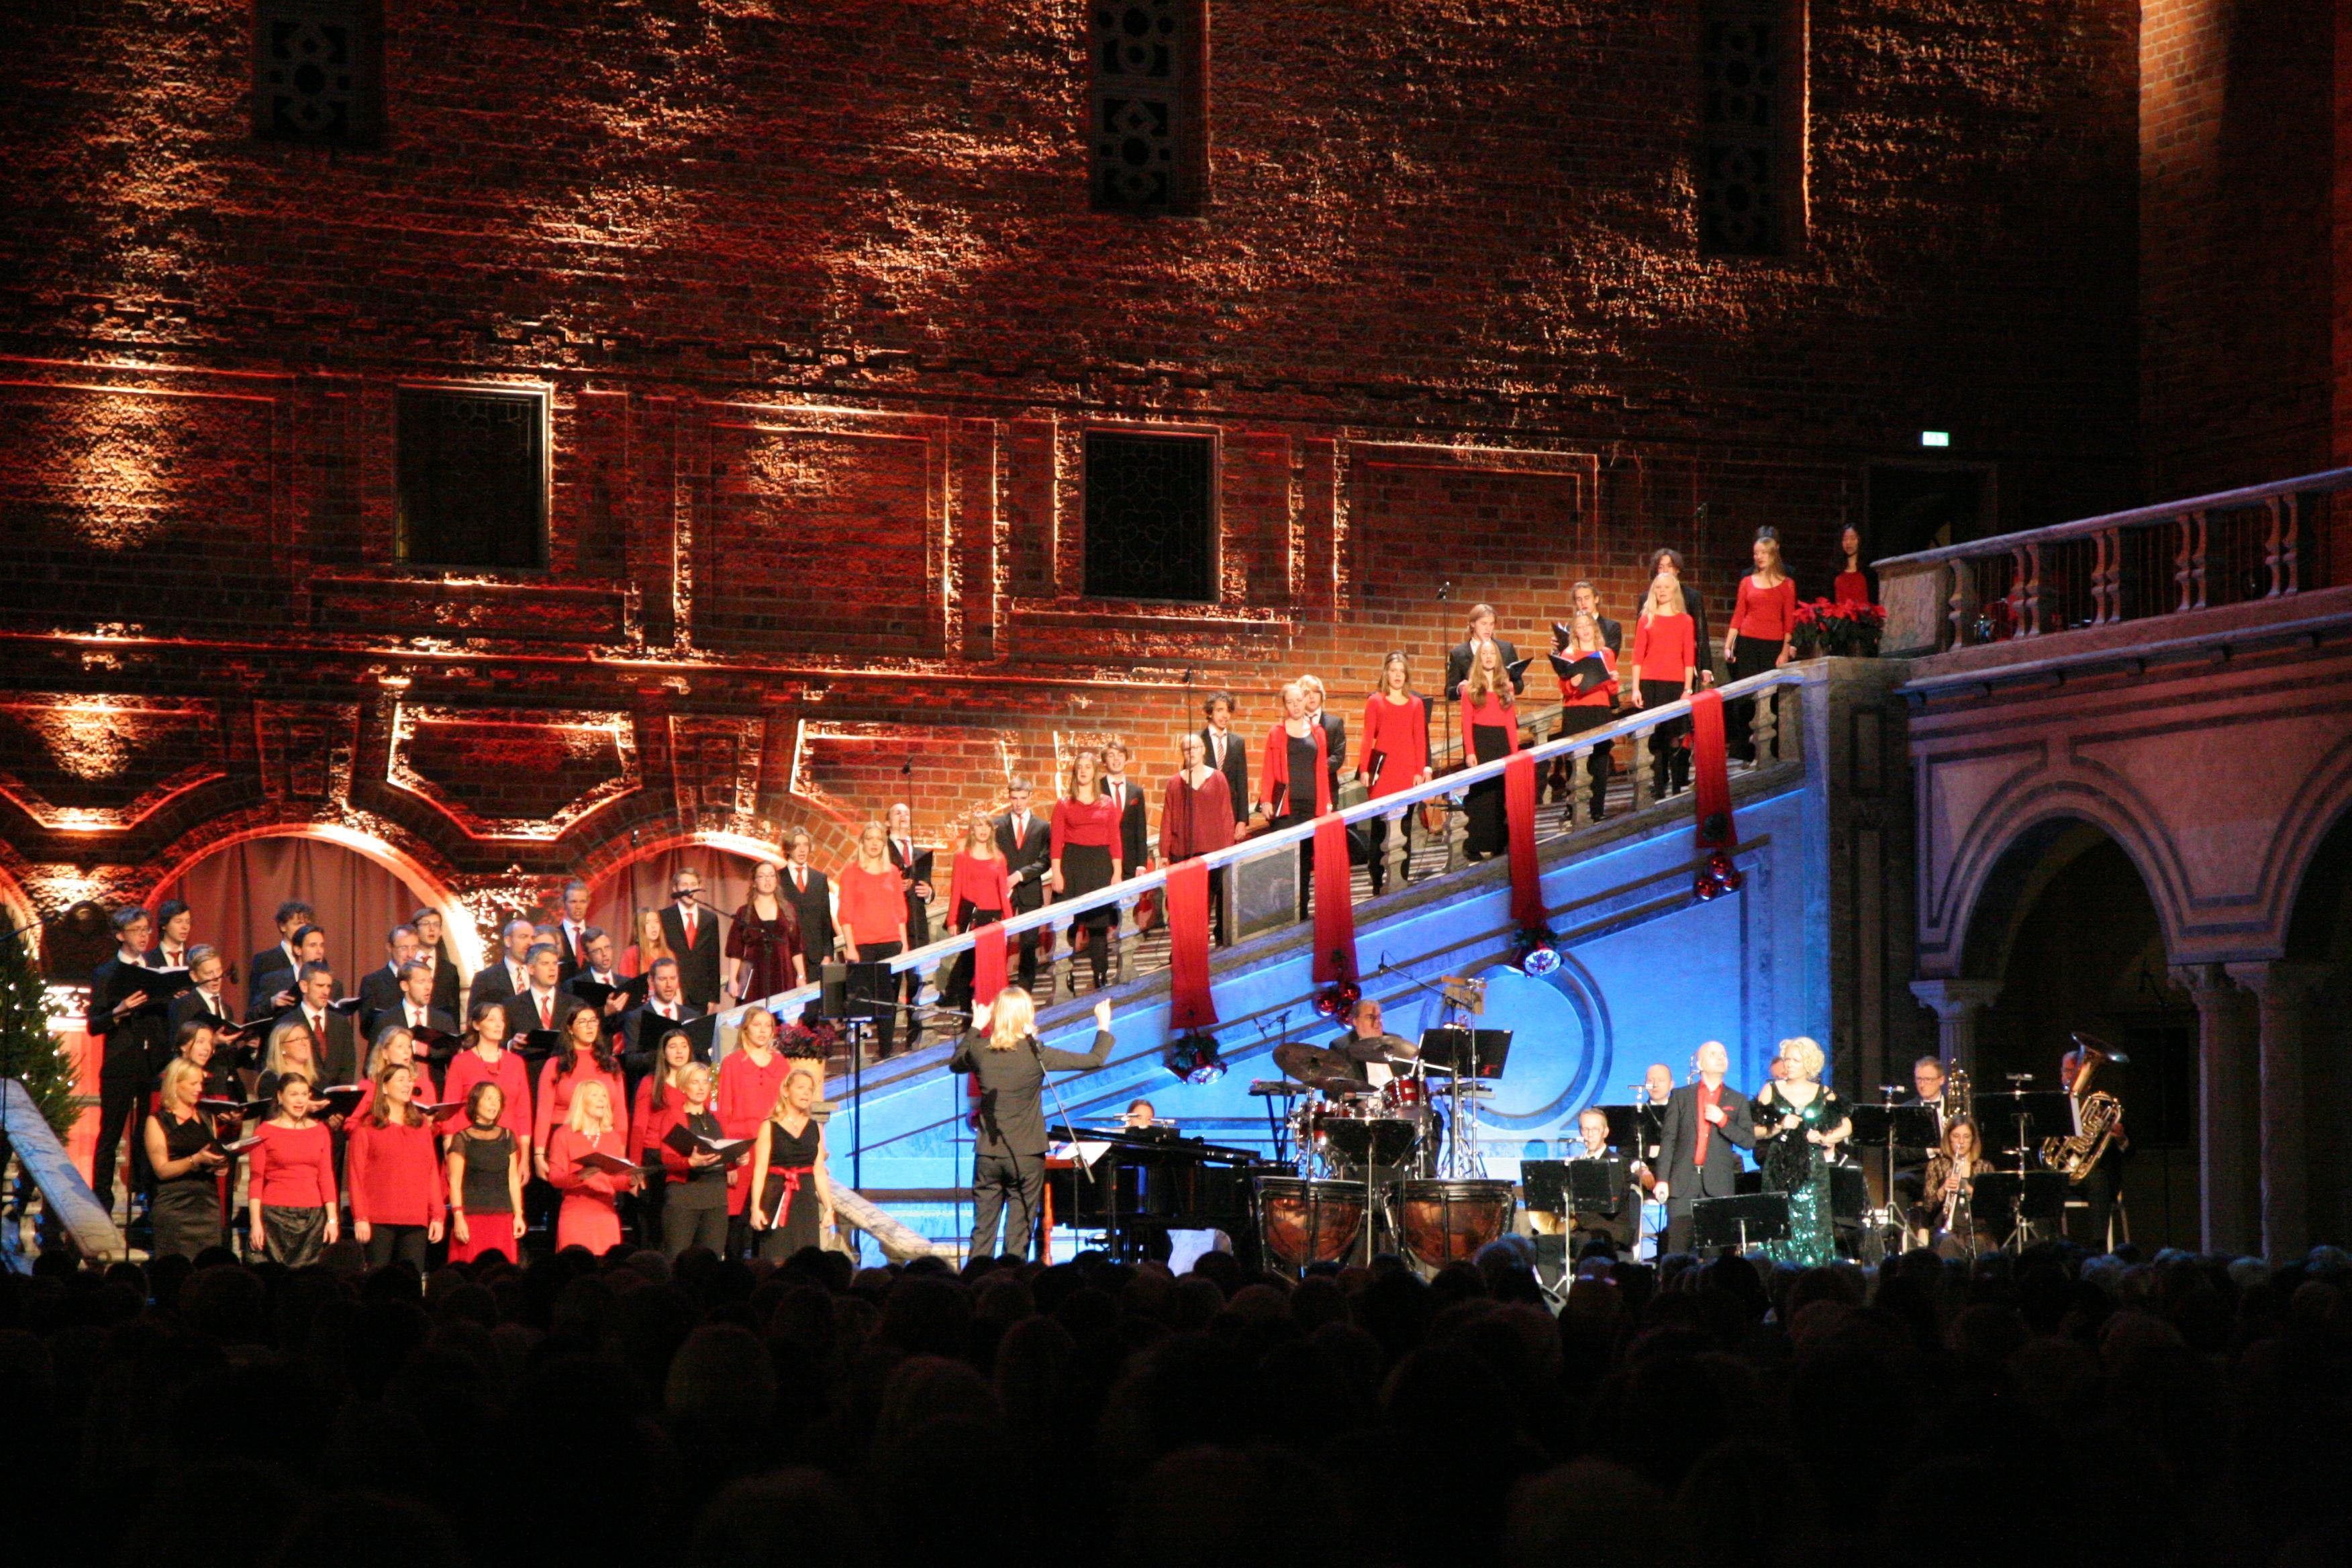 Adventskonserten i Blå hallen 27 november 2016